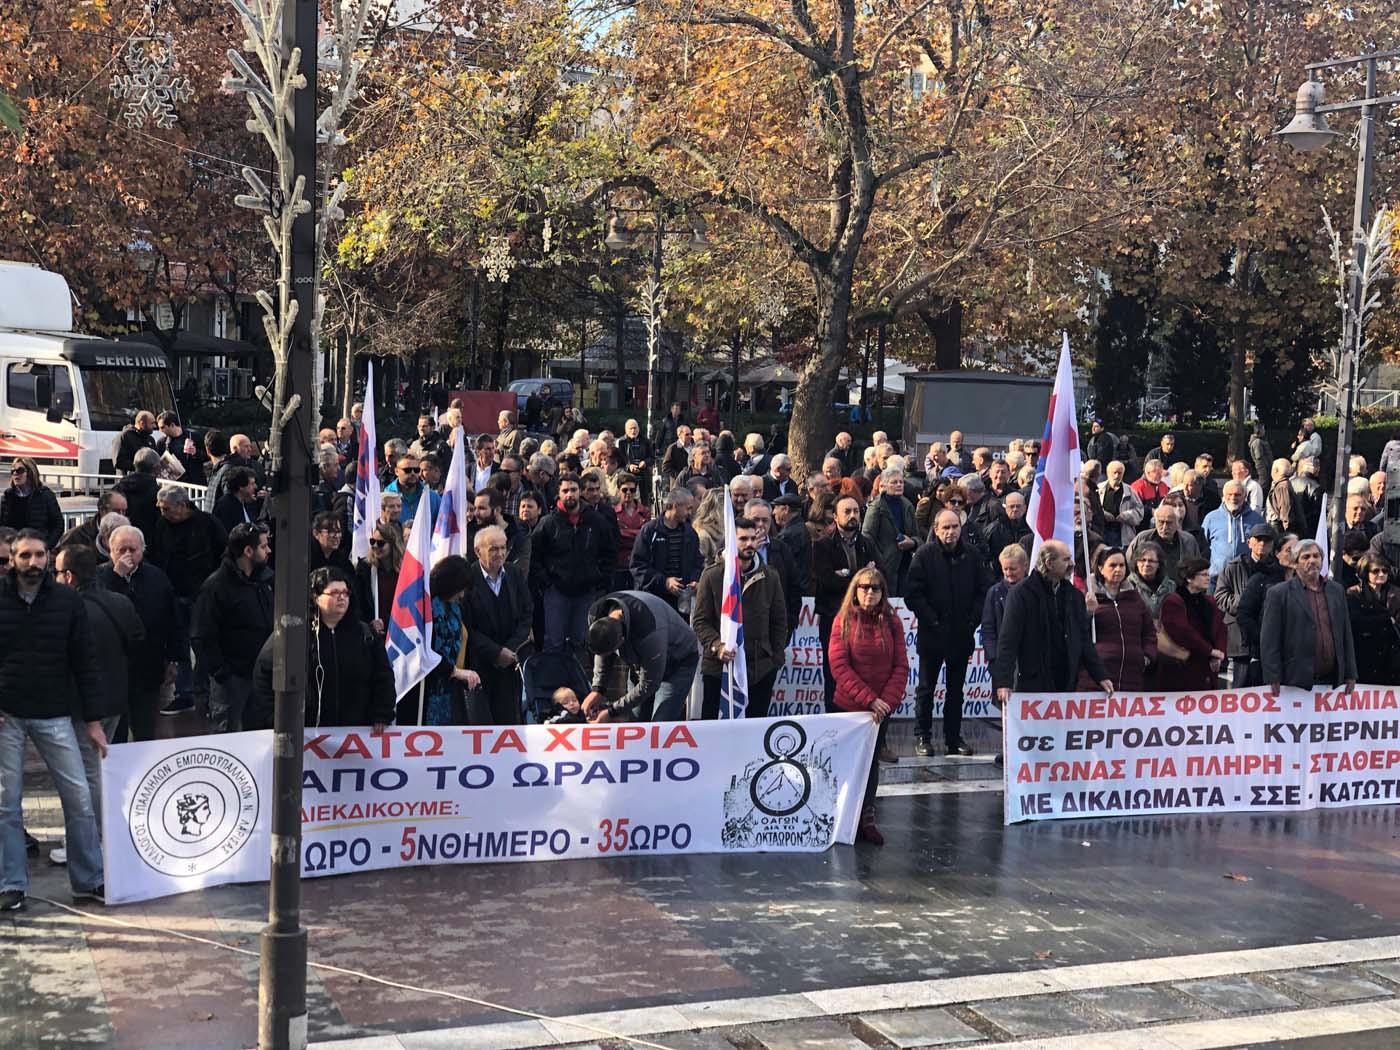 Με συμμετοχή η απεργιακή συγκέντρωση του Εργατικού Κέντρου στη Λάρισα (φωτό)